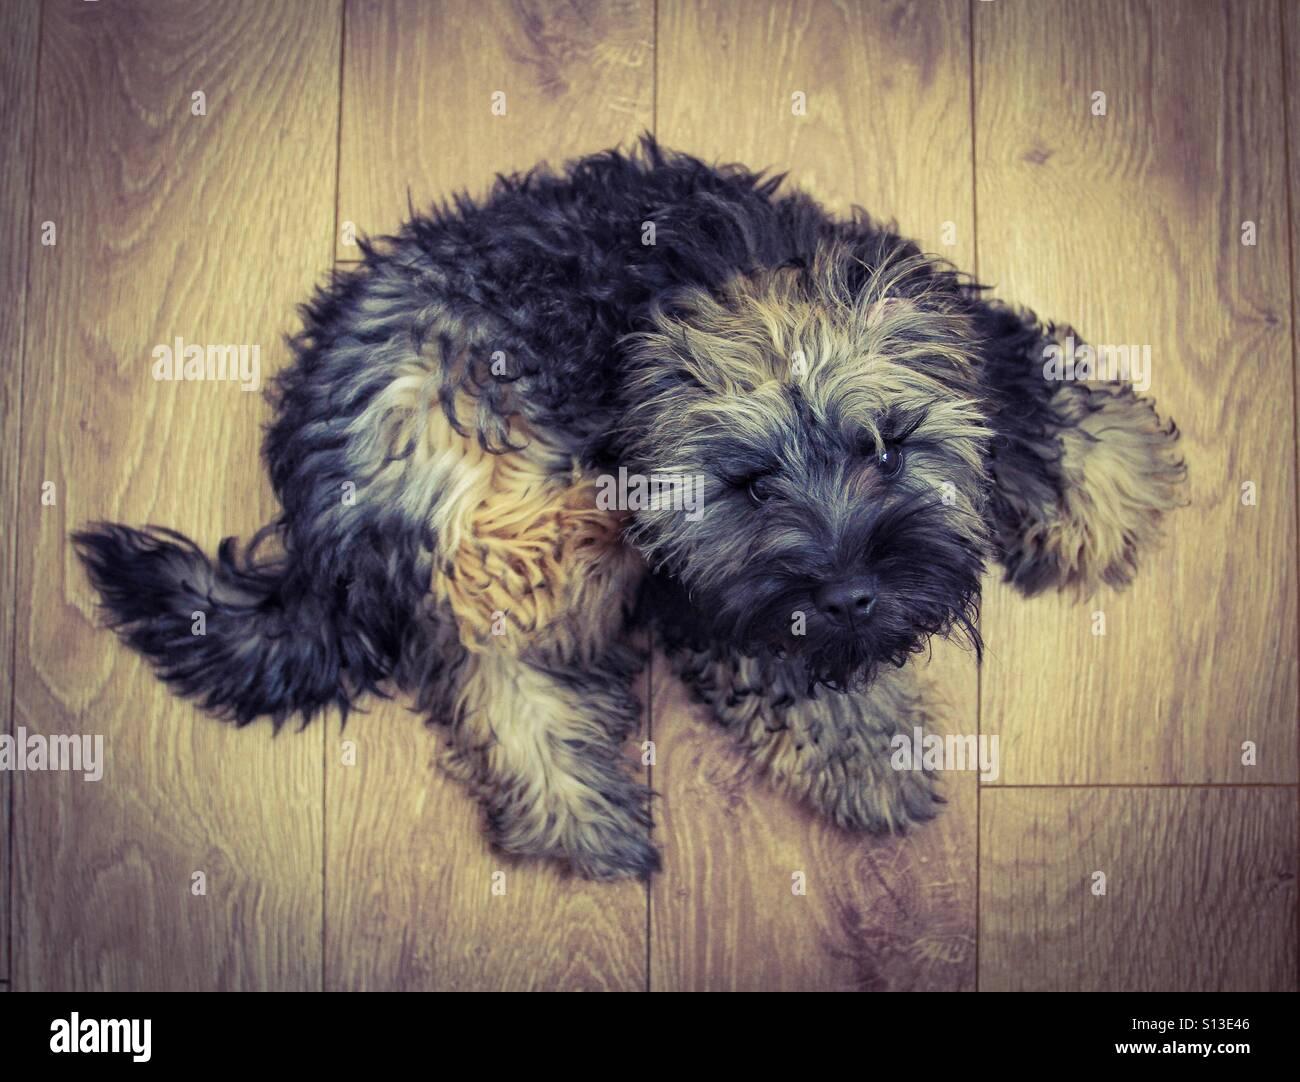 Mirando de arriba abajo a un peludo, peludo perro mirando hacia arriba a la cámara que descansa sobre un piso de madera. Foto de stock